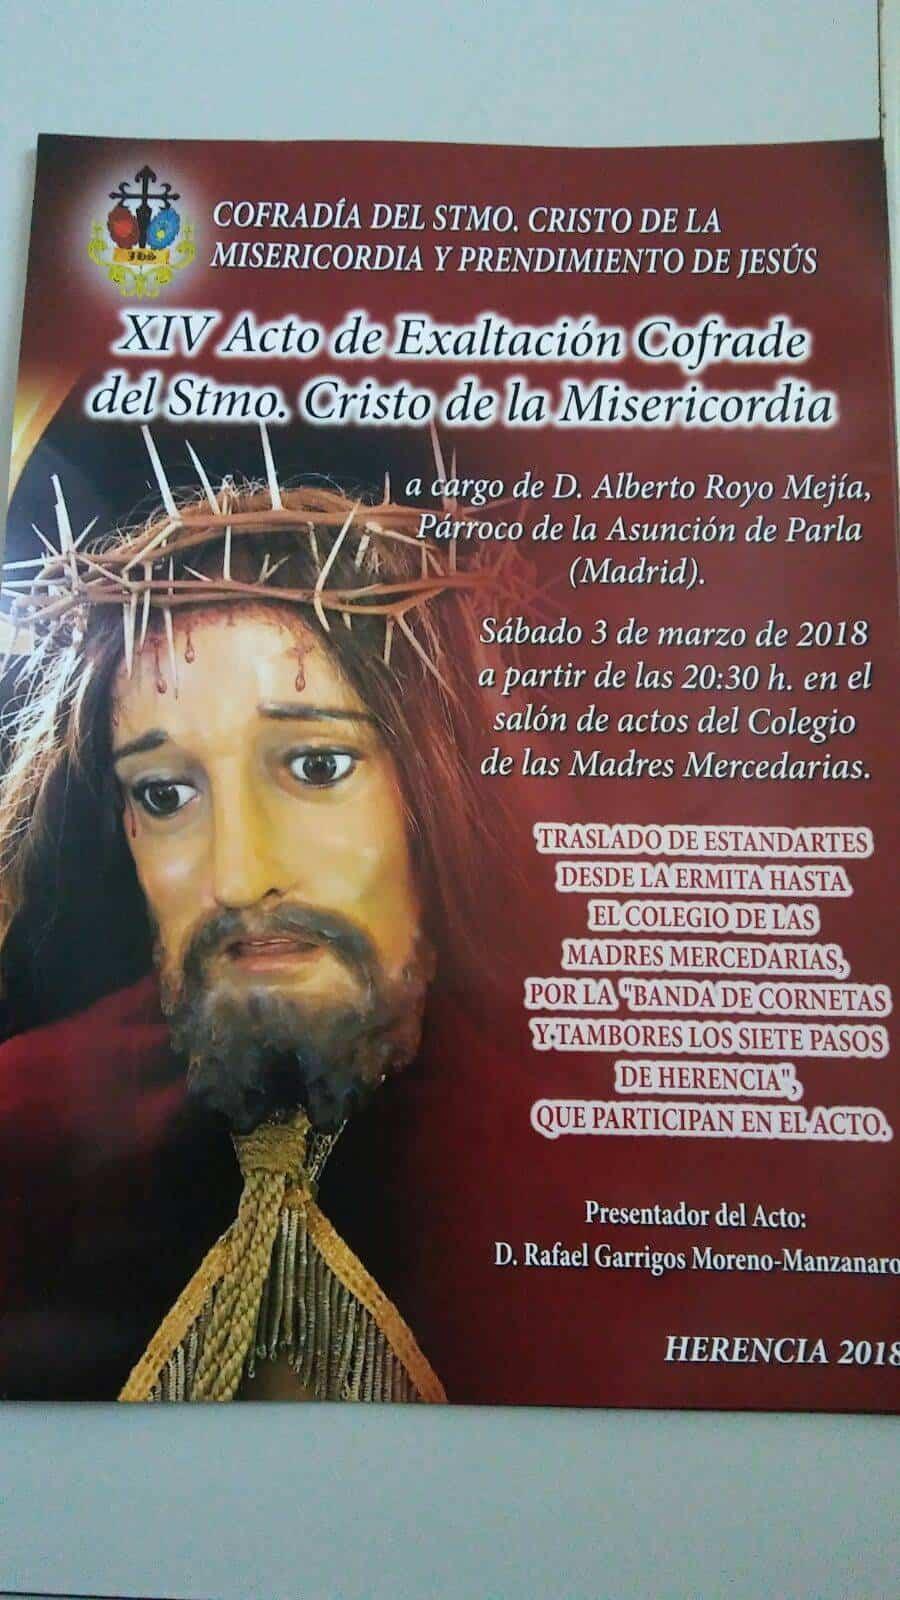 XIV Acto de Exaltación Cofrade del Stmo. Cristo de la Misericordía 3